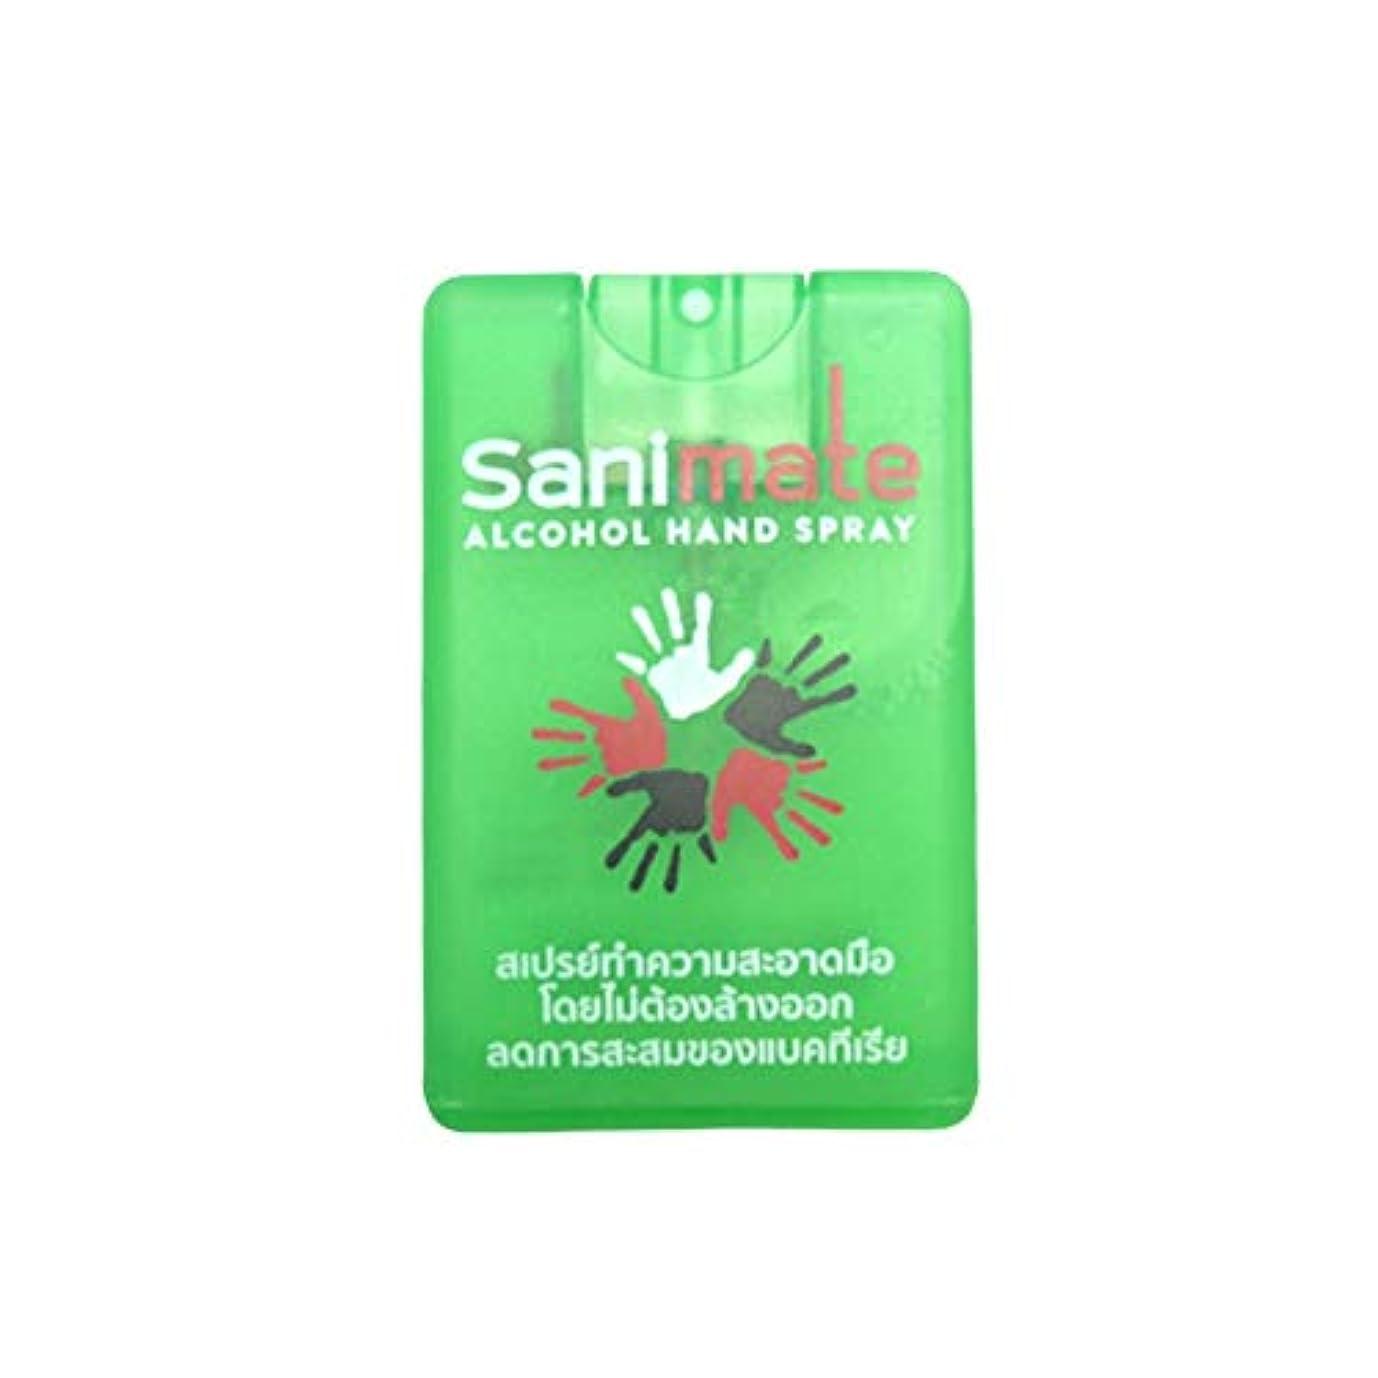 ファントム富楽観的ALCOHOL HAND SPRAY コンパクトサイズで持運びに便利 アルコールハンドスプレー 20ml【並行輸入品】